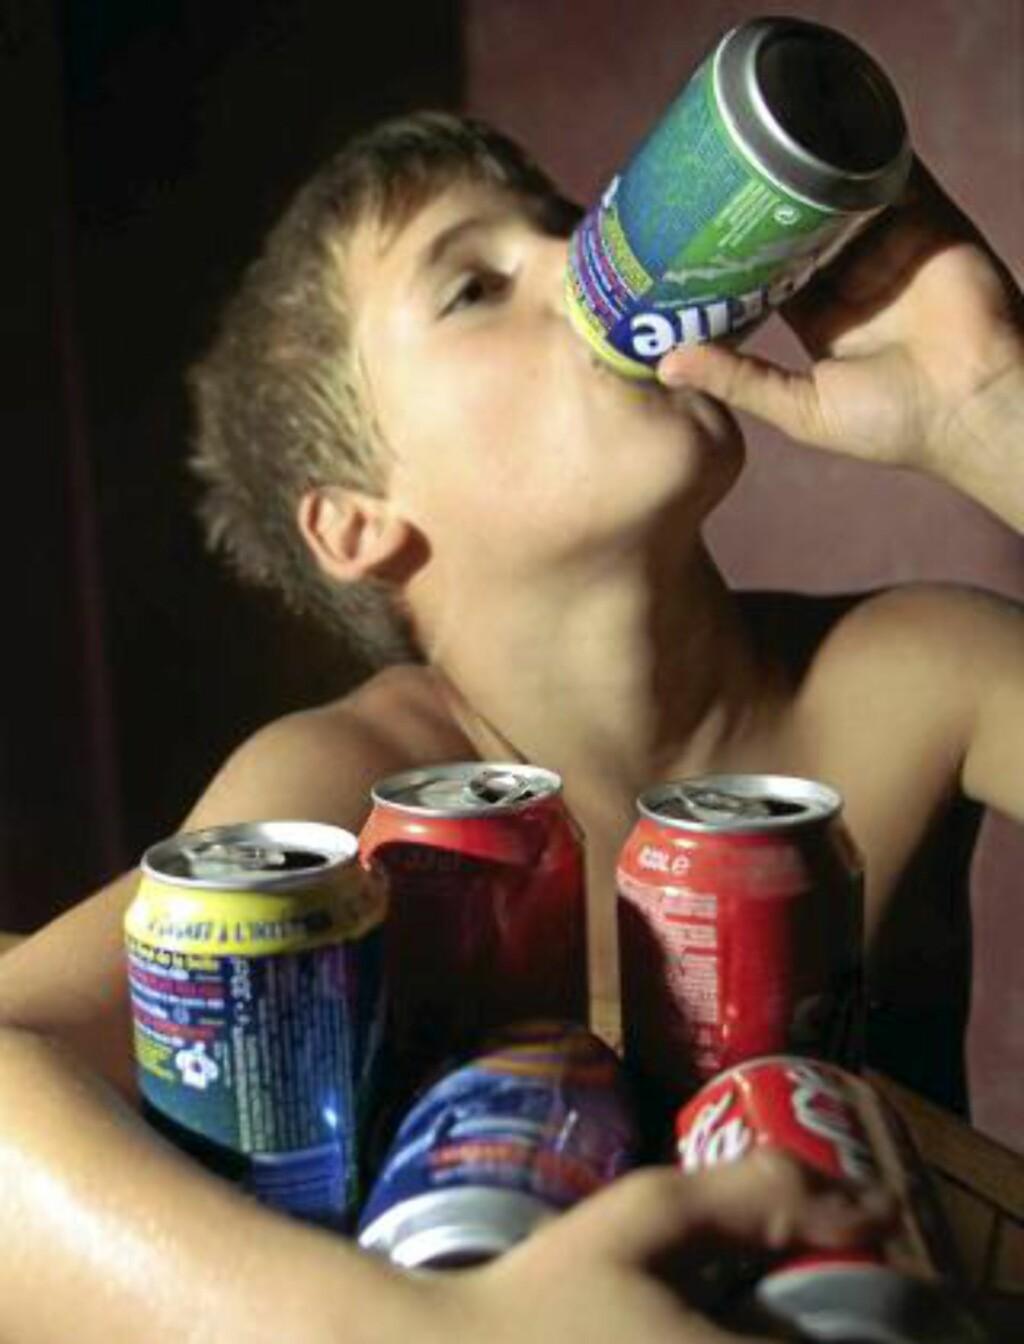 AVHENGIGE BARN: Også barn blir avhengige av brus. Illustrasjonsfoto: www.colourbox.com